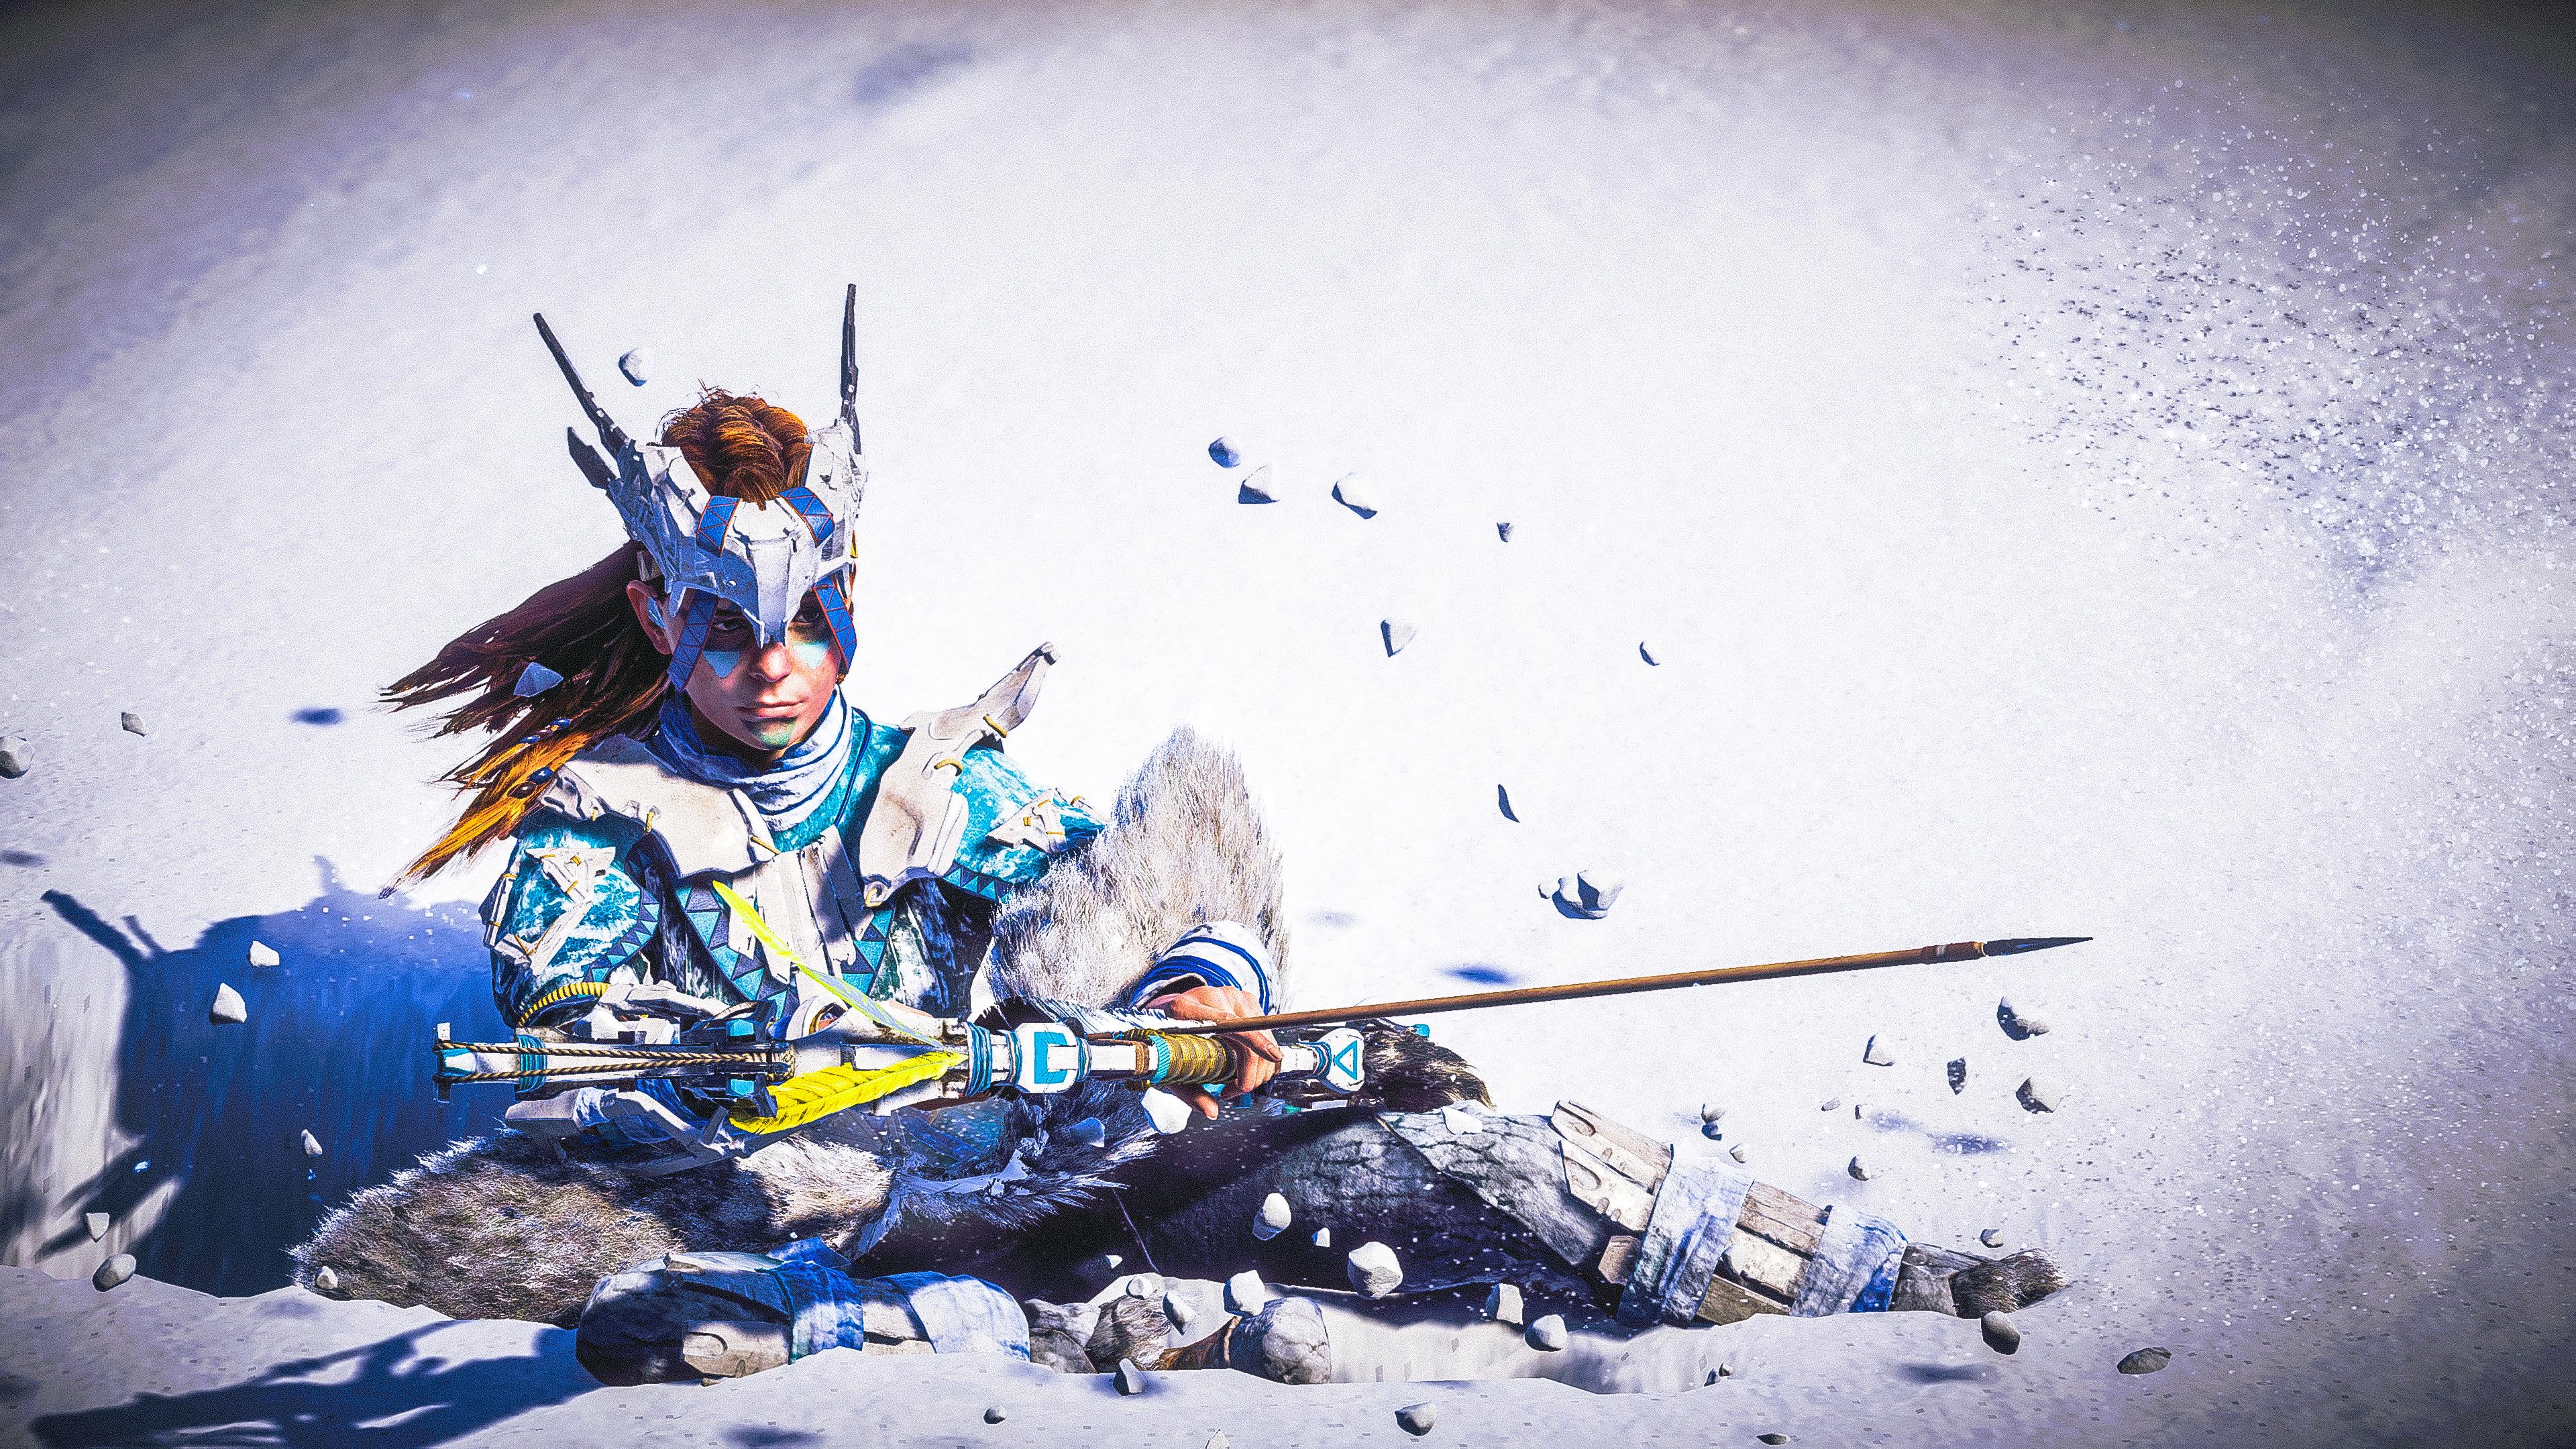 Aloy Snow Archer Horizon Zero Dawn 4k Hd Games 4k Wallpapers